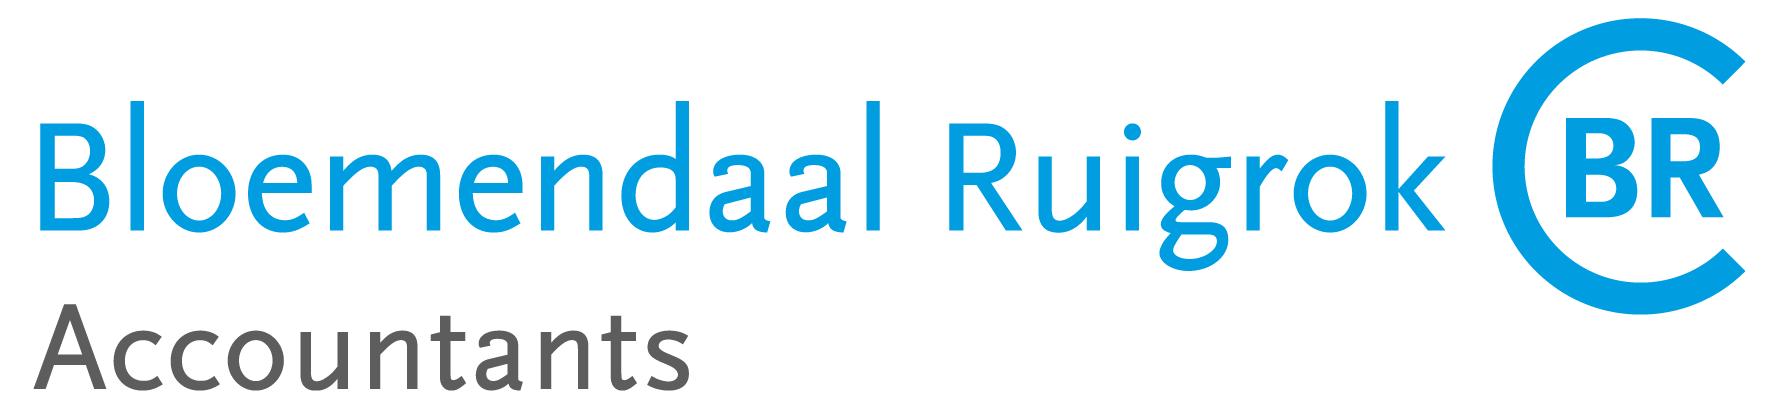 Bloemendaal Ruigrok Accountants